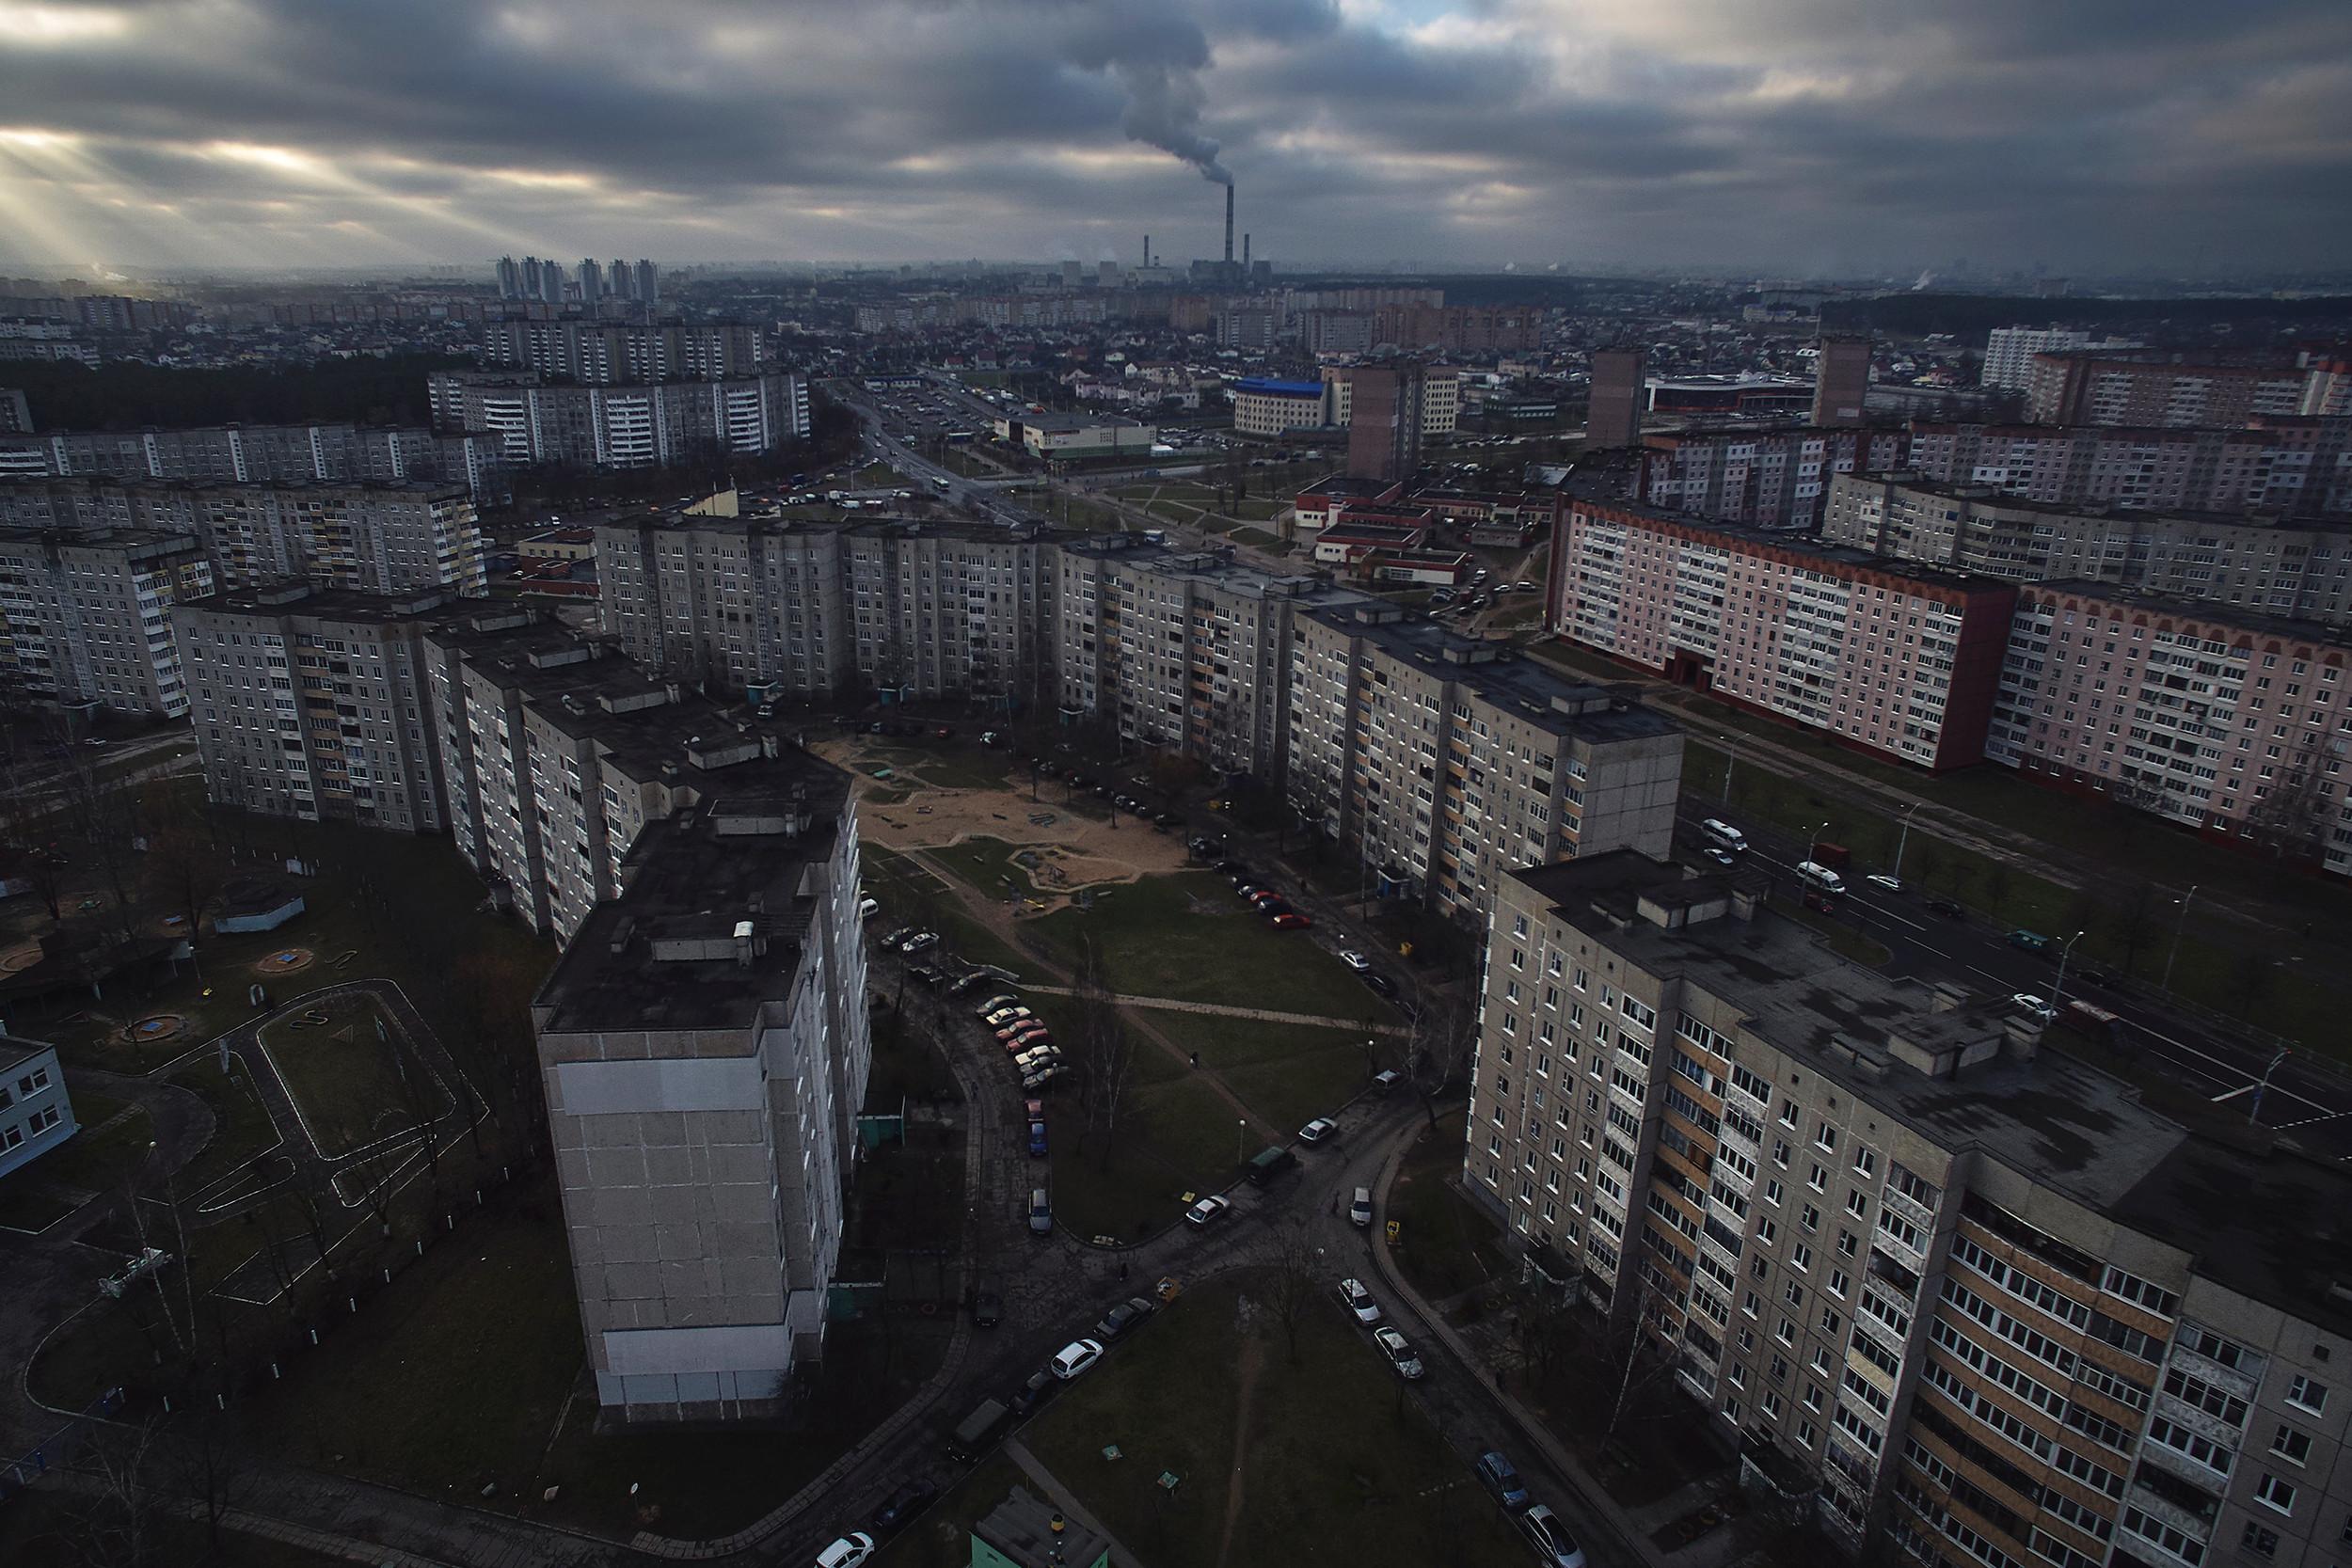 Soviet block